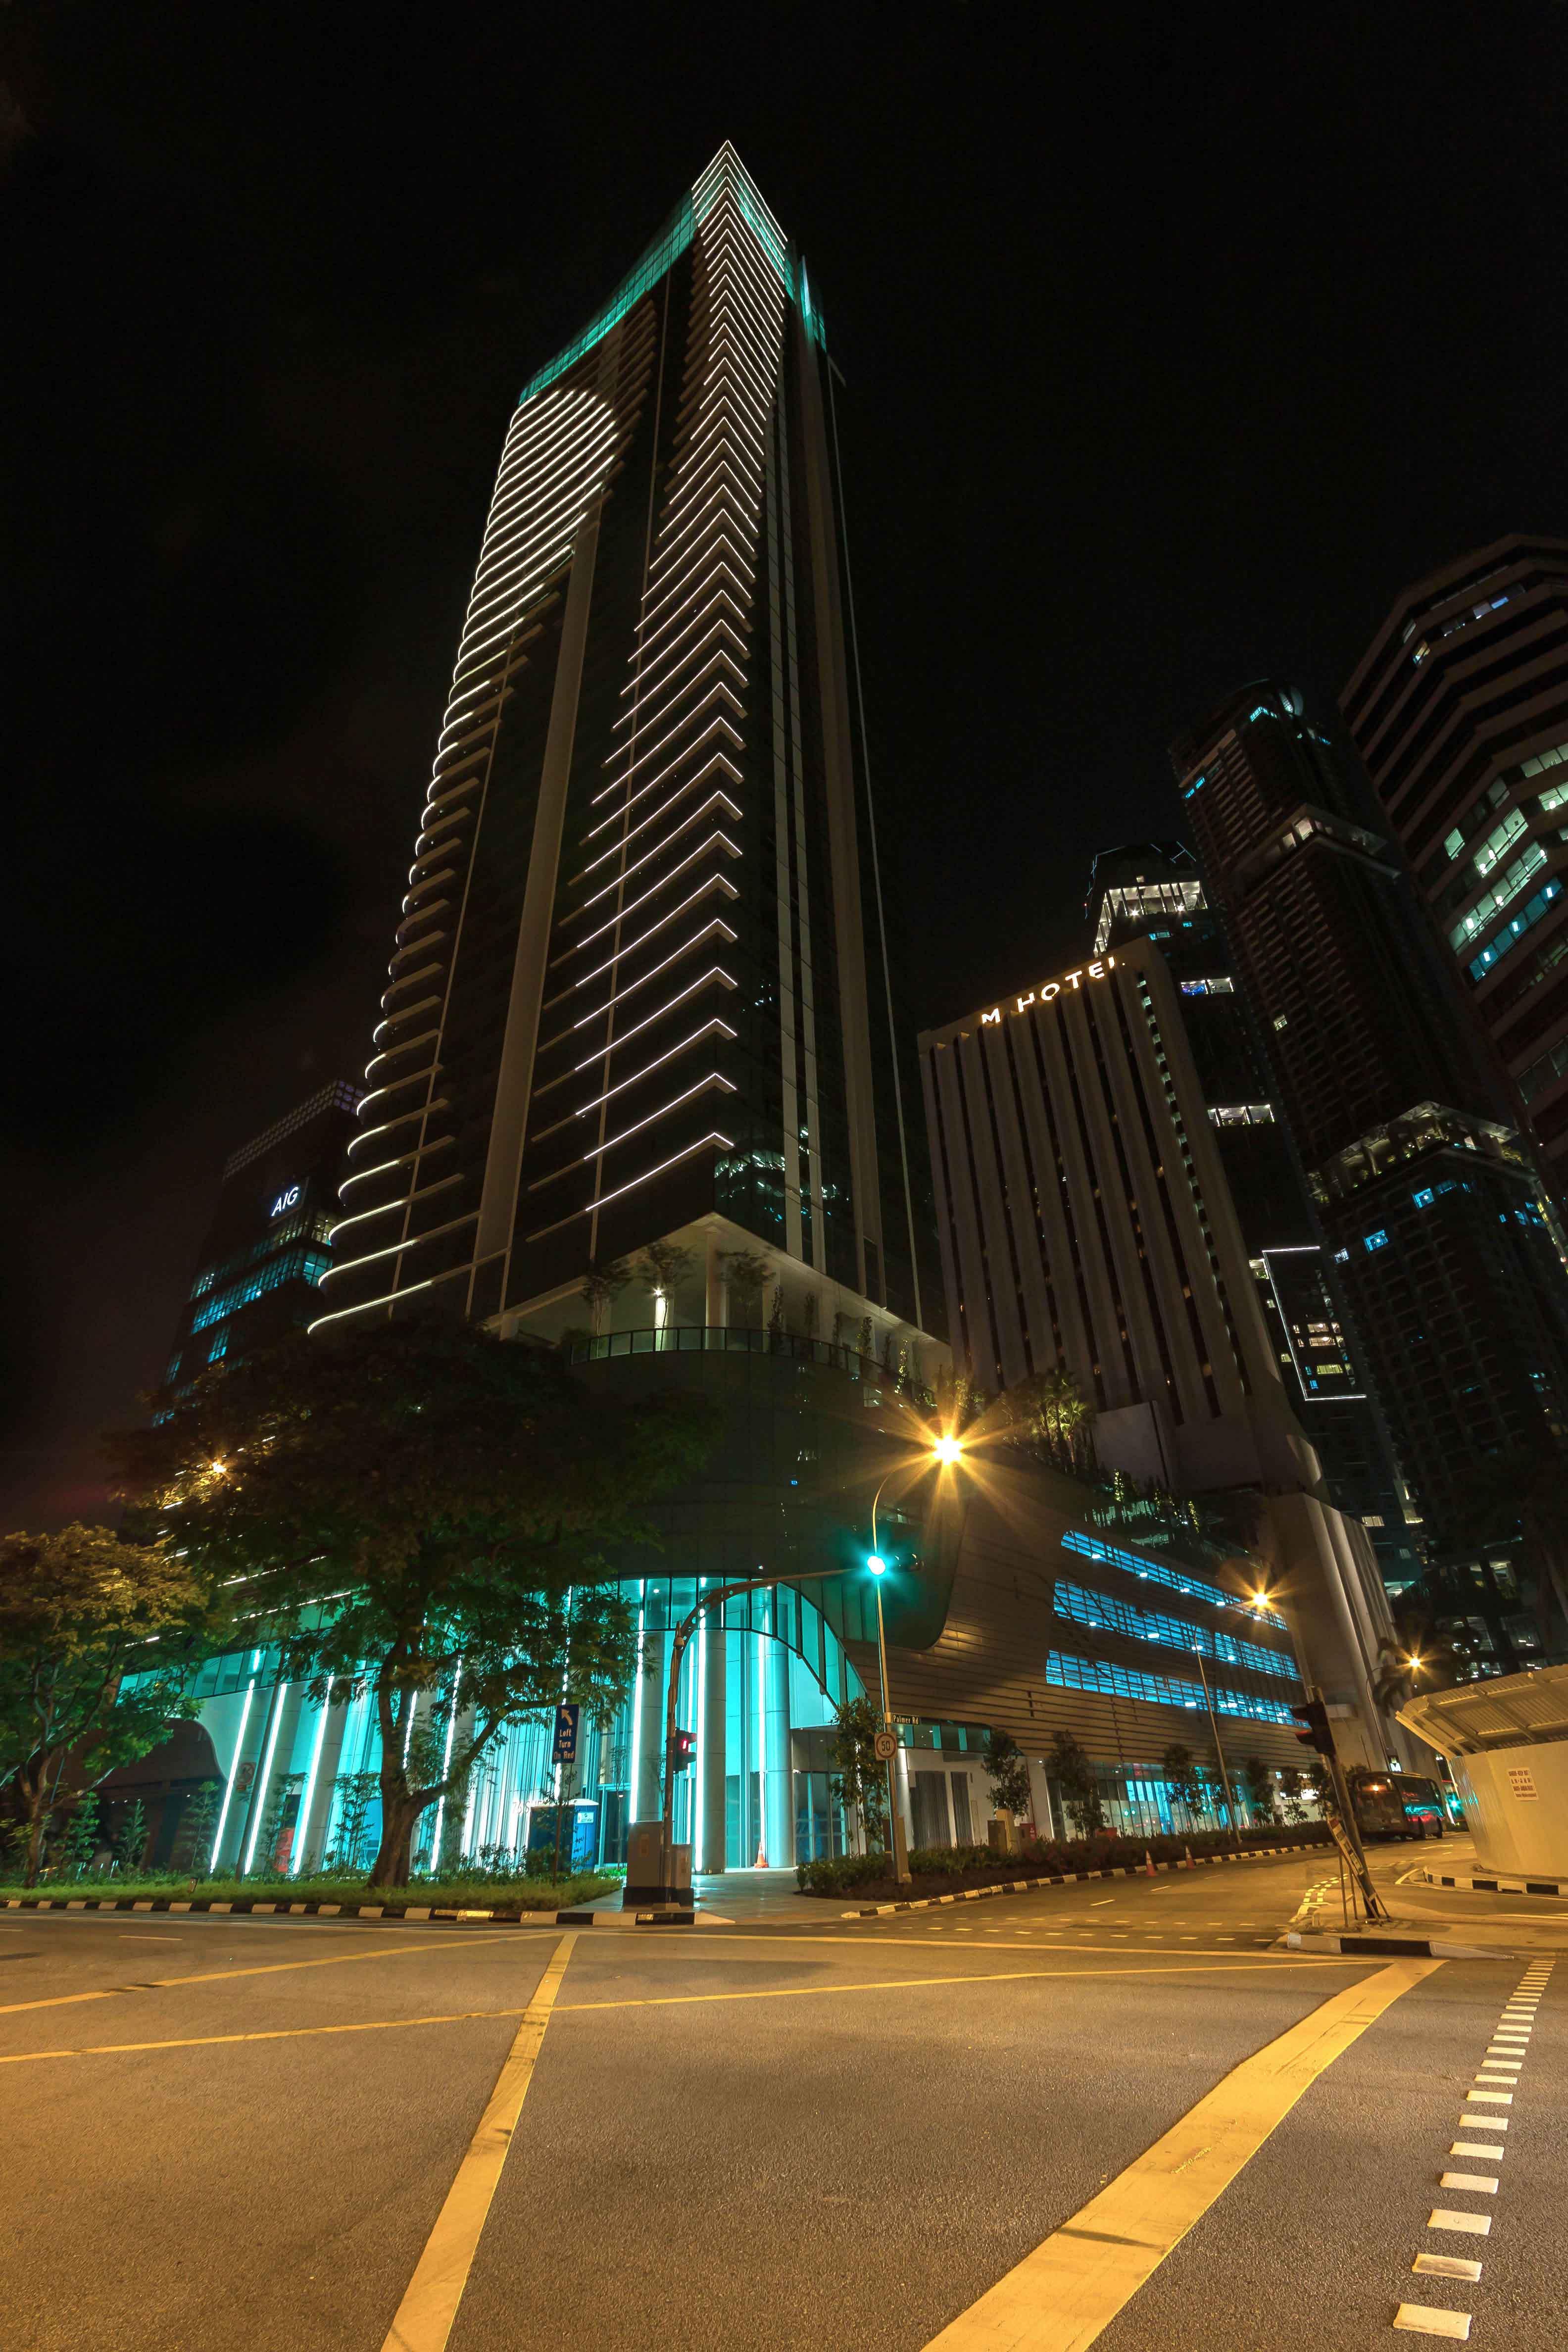 Edificio Shenton Way Singapur